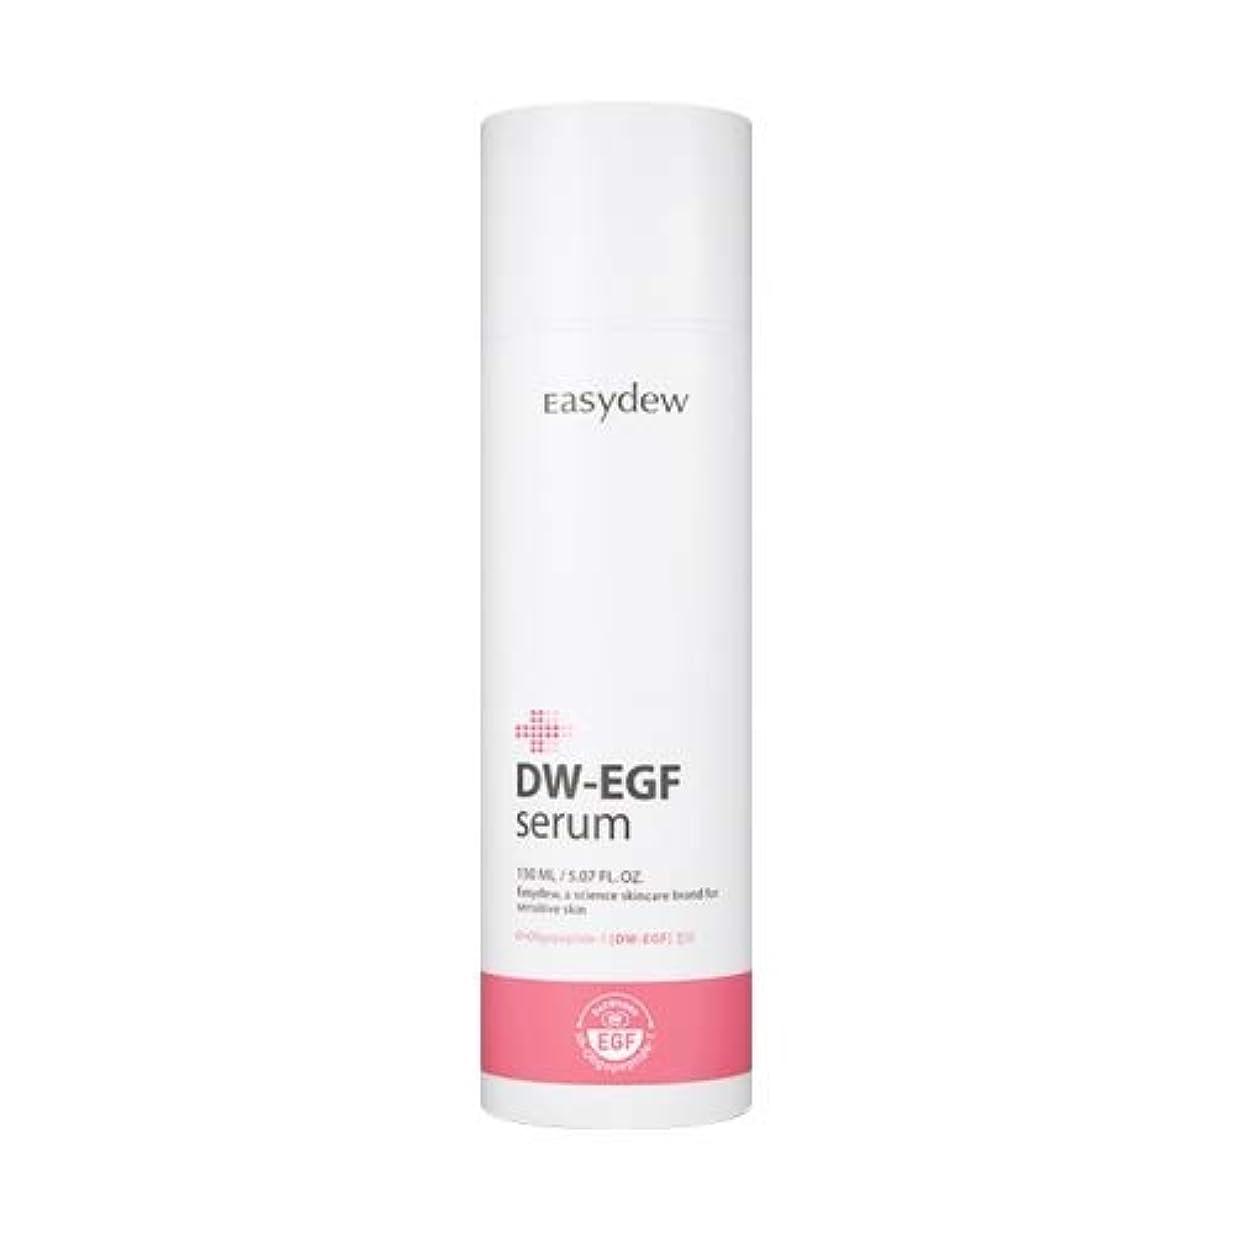 資本主義フィード自発的Easydew DW-EGF セラム 美容液 150ml Easydew DW-EGF Serum 人気 スキンケア